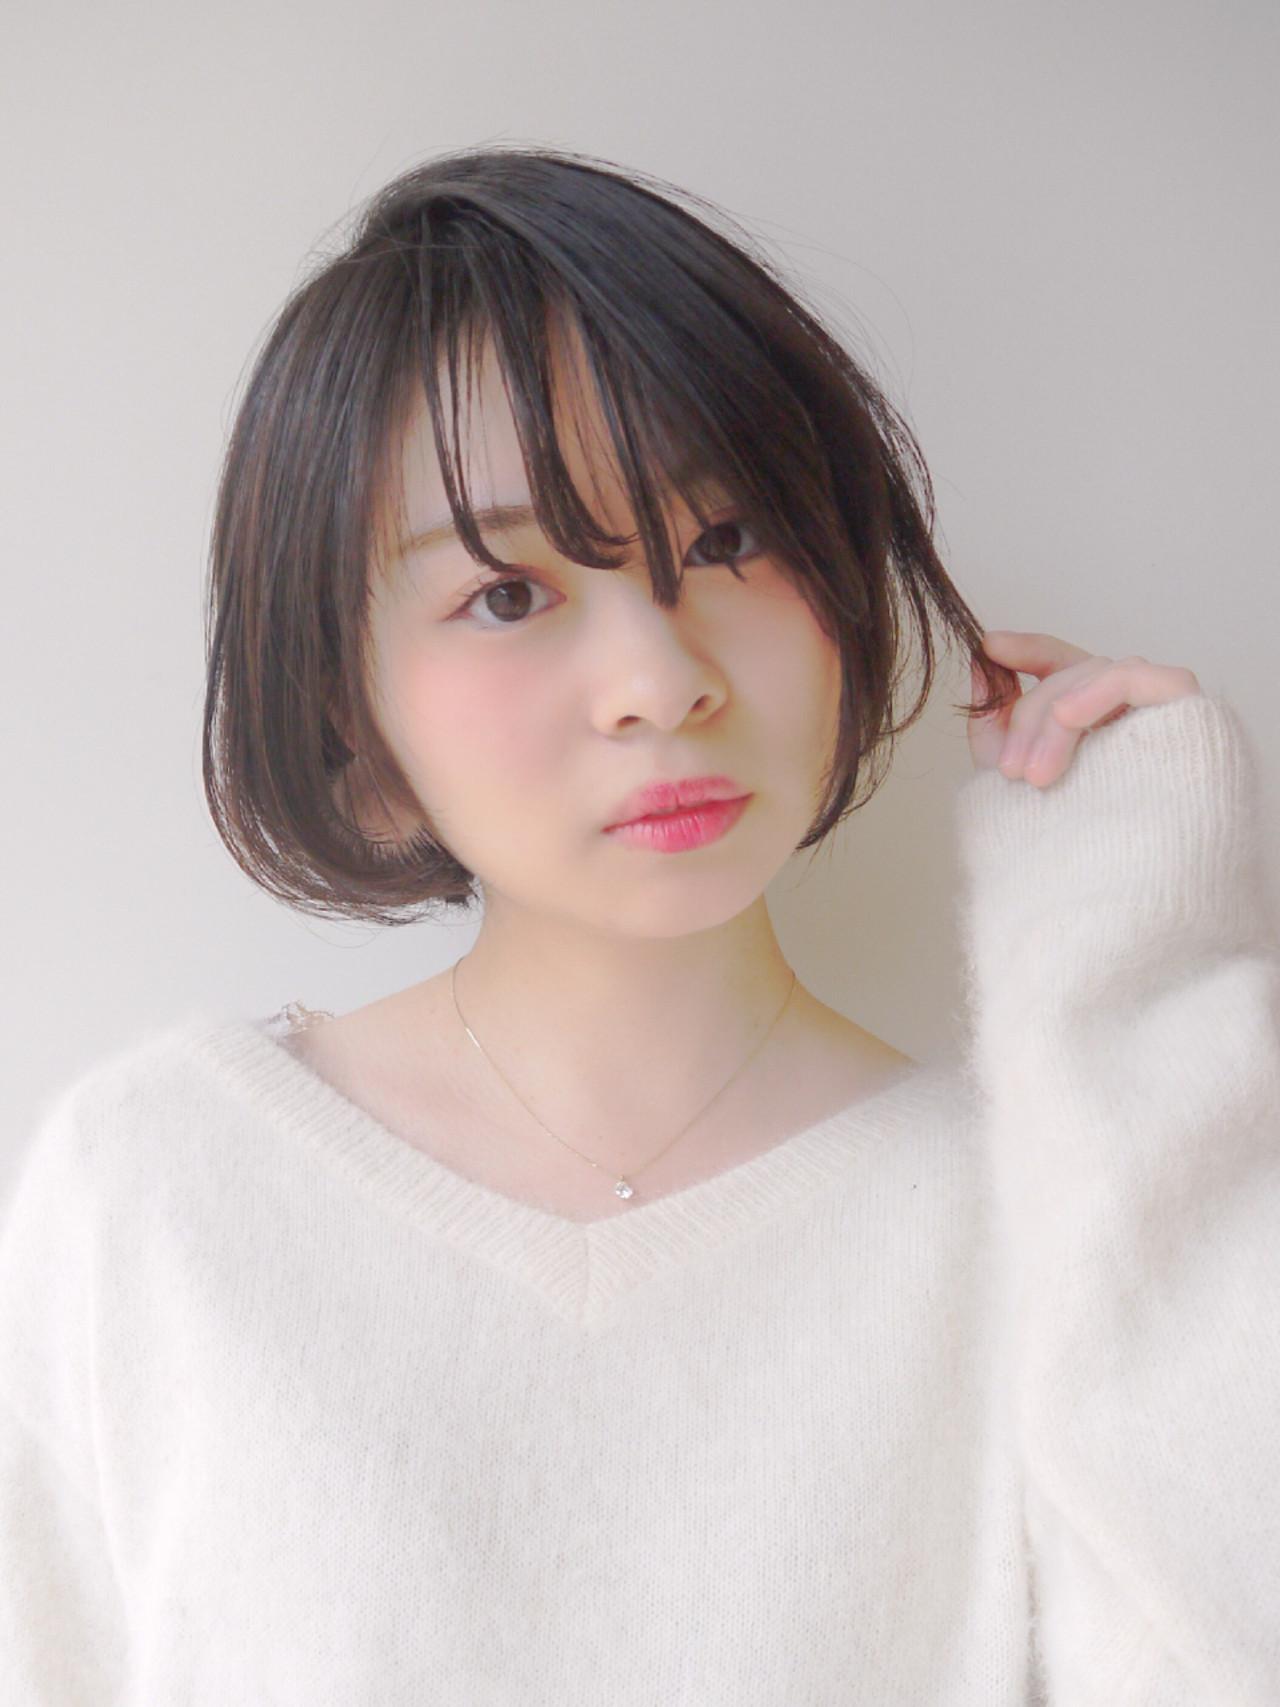 伸ばしかけ前髪は重たくなる!軽やかに遊ばせよう Hiroki Sakuma【morio原宿】